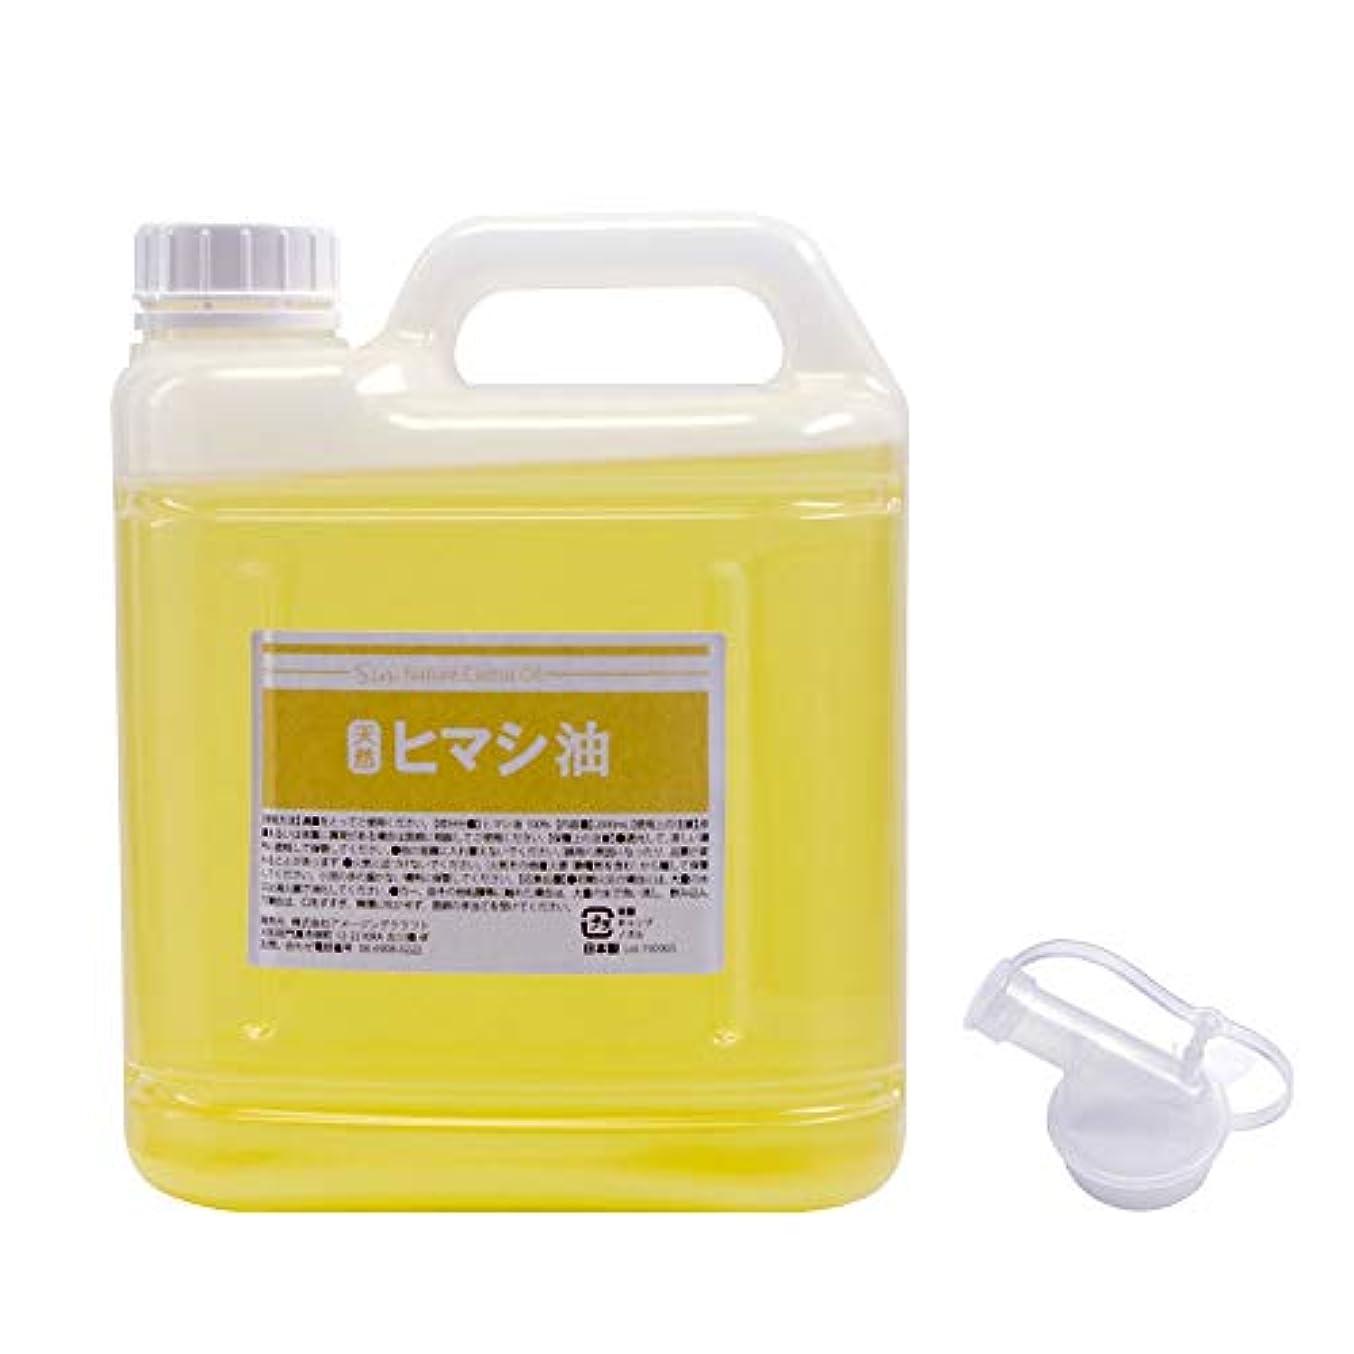 抜け目がない湖動機天然無添加 国内精製ひまし油 (キャスターオイル) 2000ml 2L